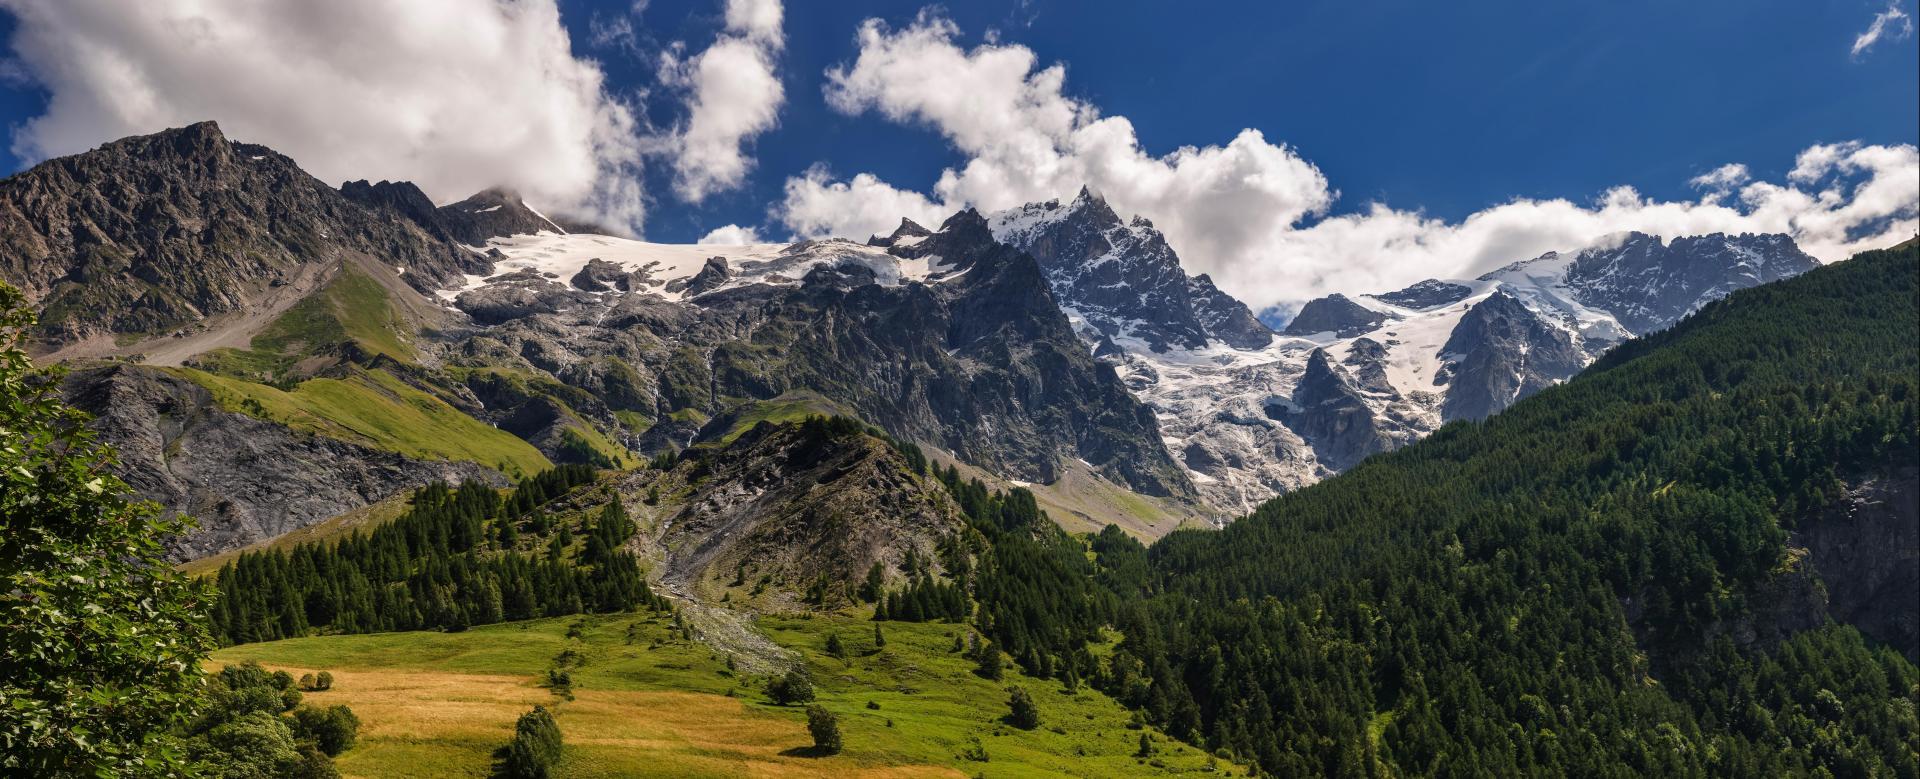 Voyage à pied : Ecrins, chalet d'en haut